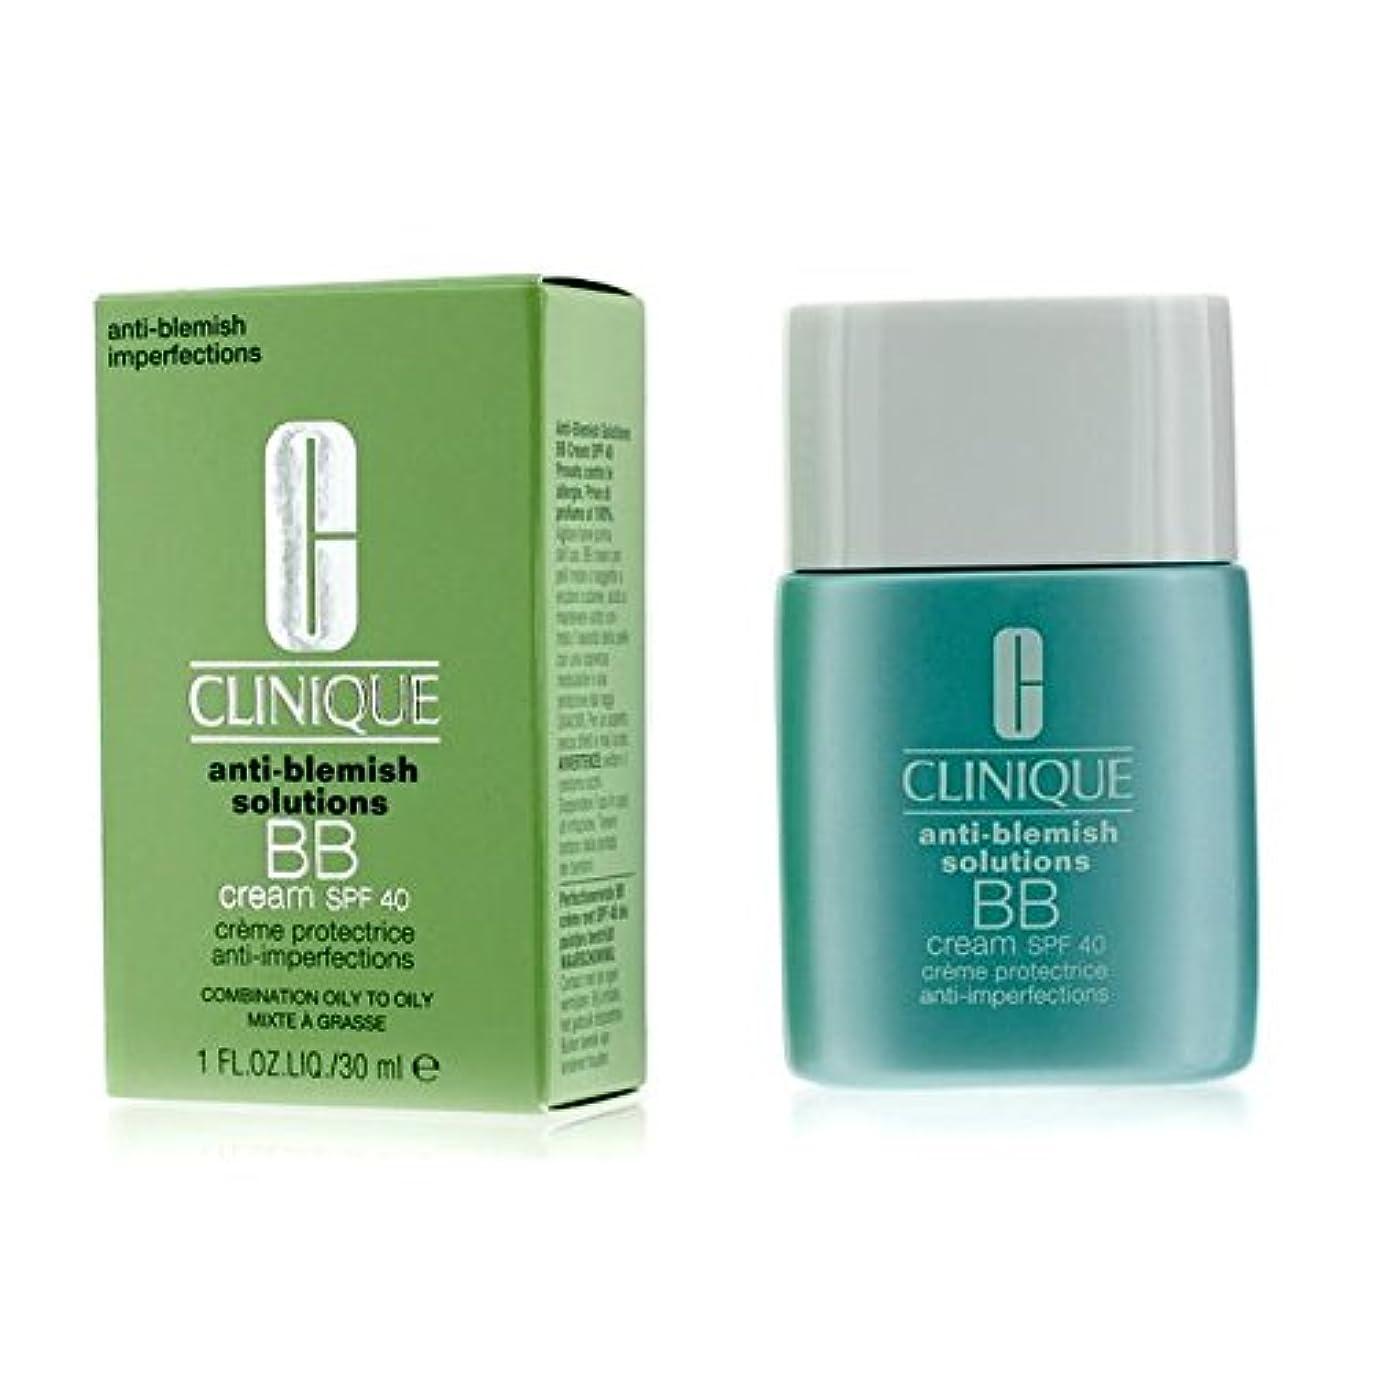 冷笑するわがままクラッククリニーク Anti-Blemish Solutions BB Cream SPF 40 - Medium Deep (Combination Oily to Oily) 30ml/1oz並行輸入品